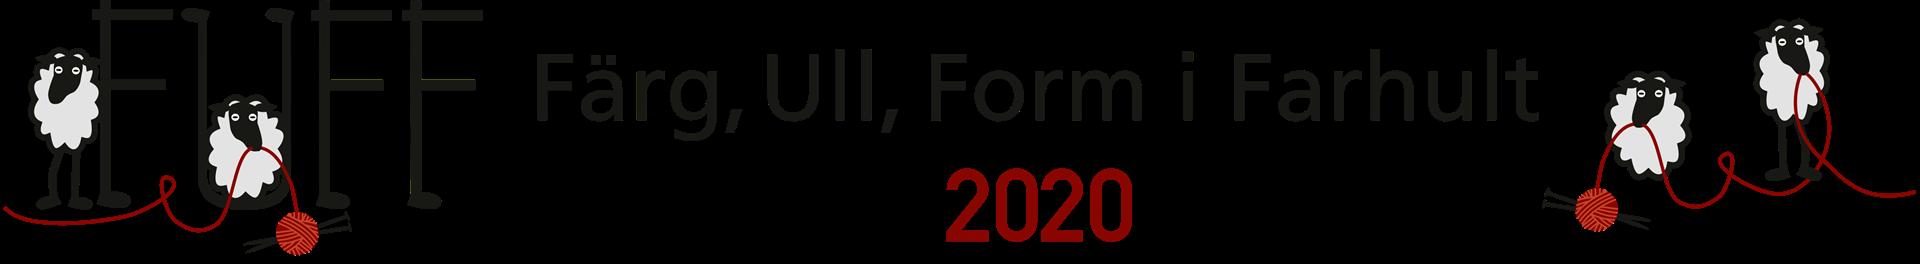 Färg, Ull, Form i Farhult 2020